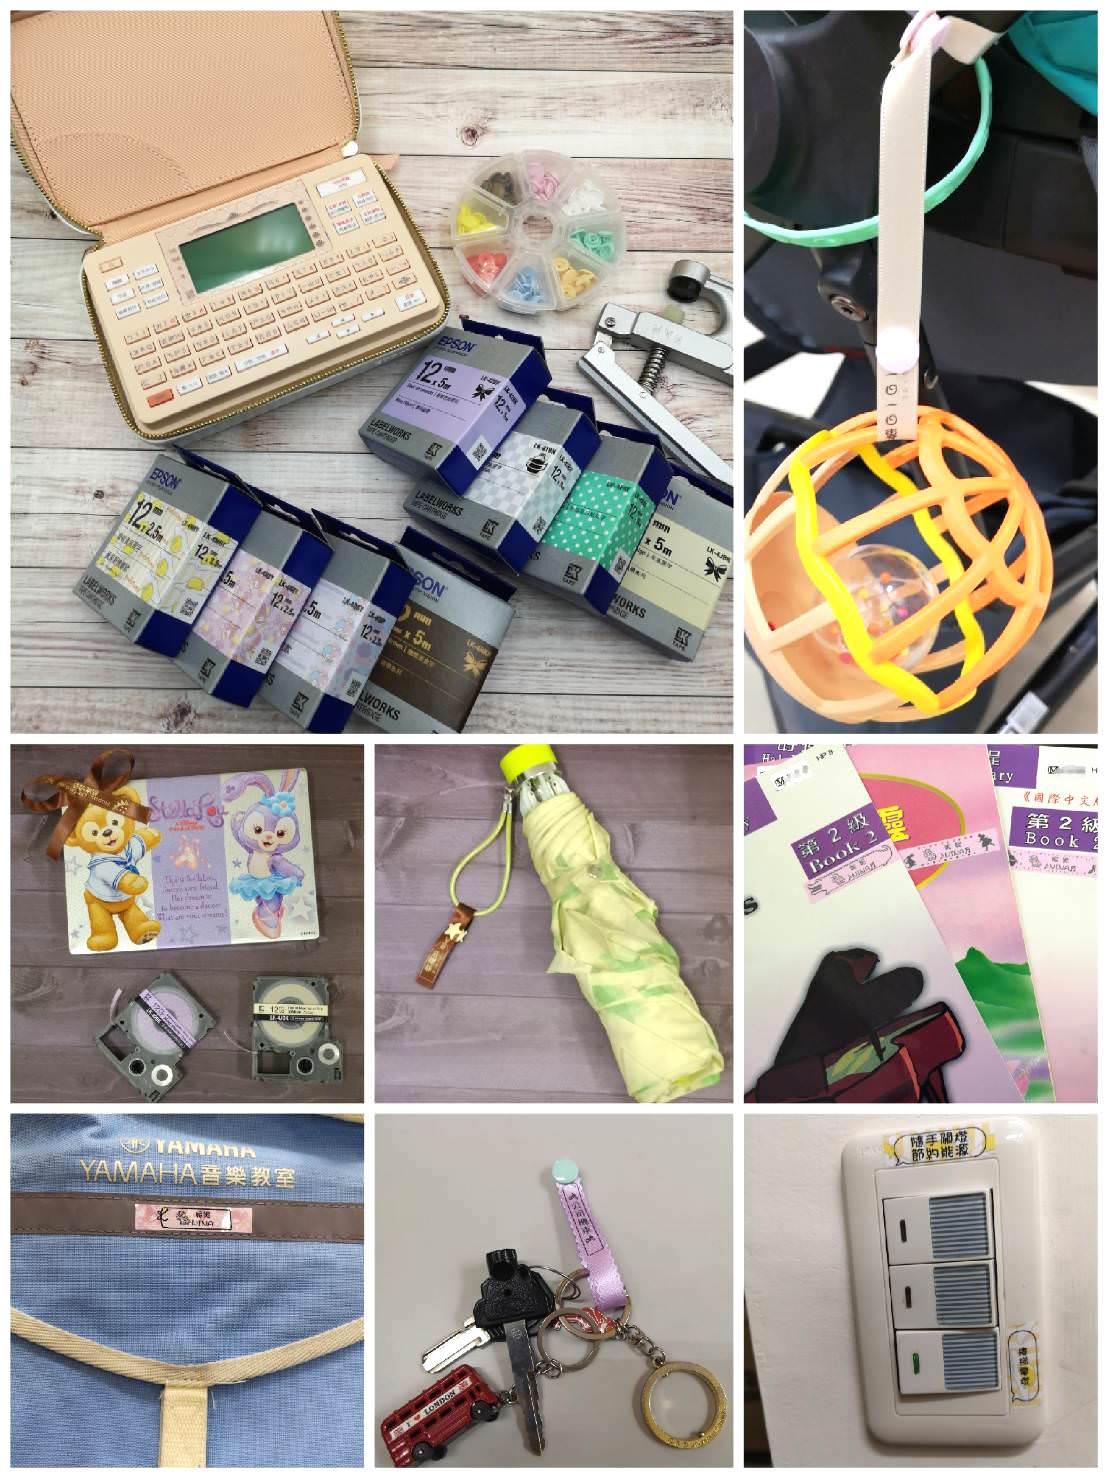 居家收納、分類收拾、上學孩子們的好幫手,Epson LW-K420美妝標籤機,一機在手,創意無限